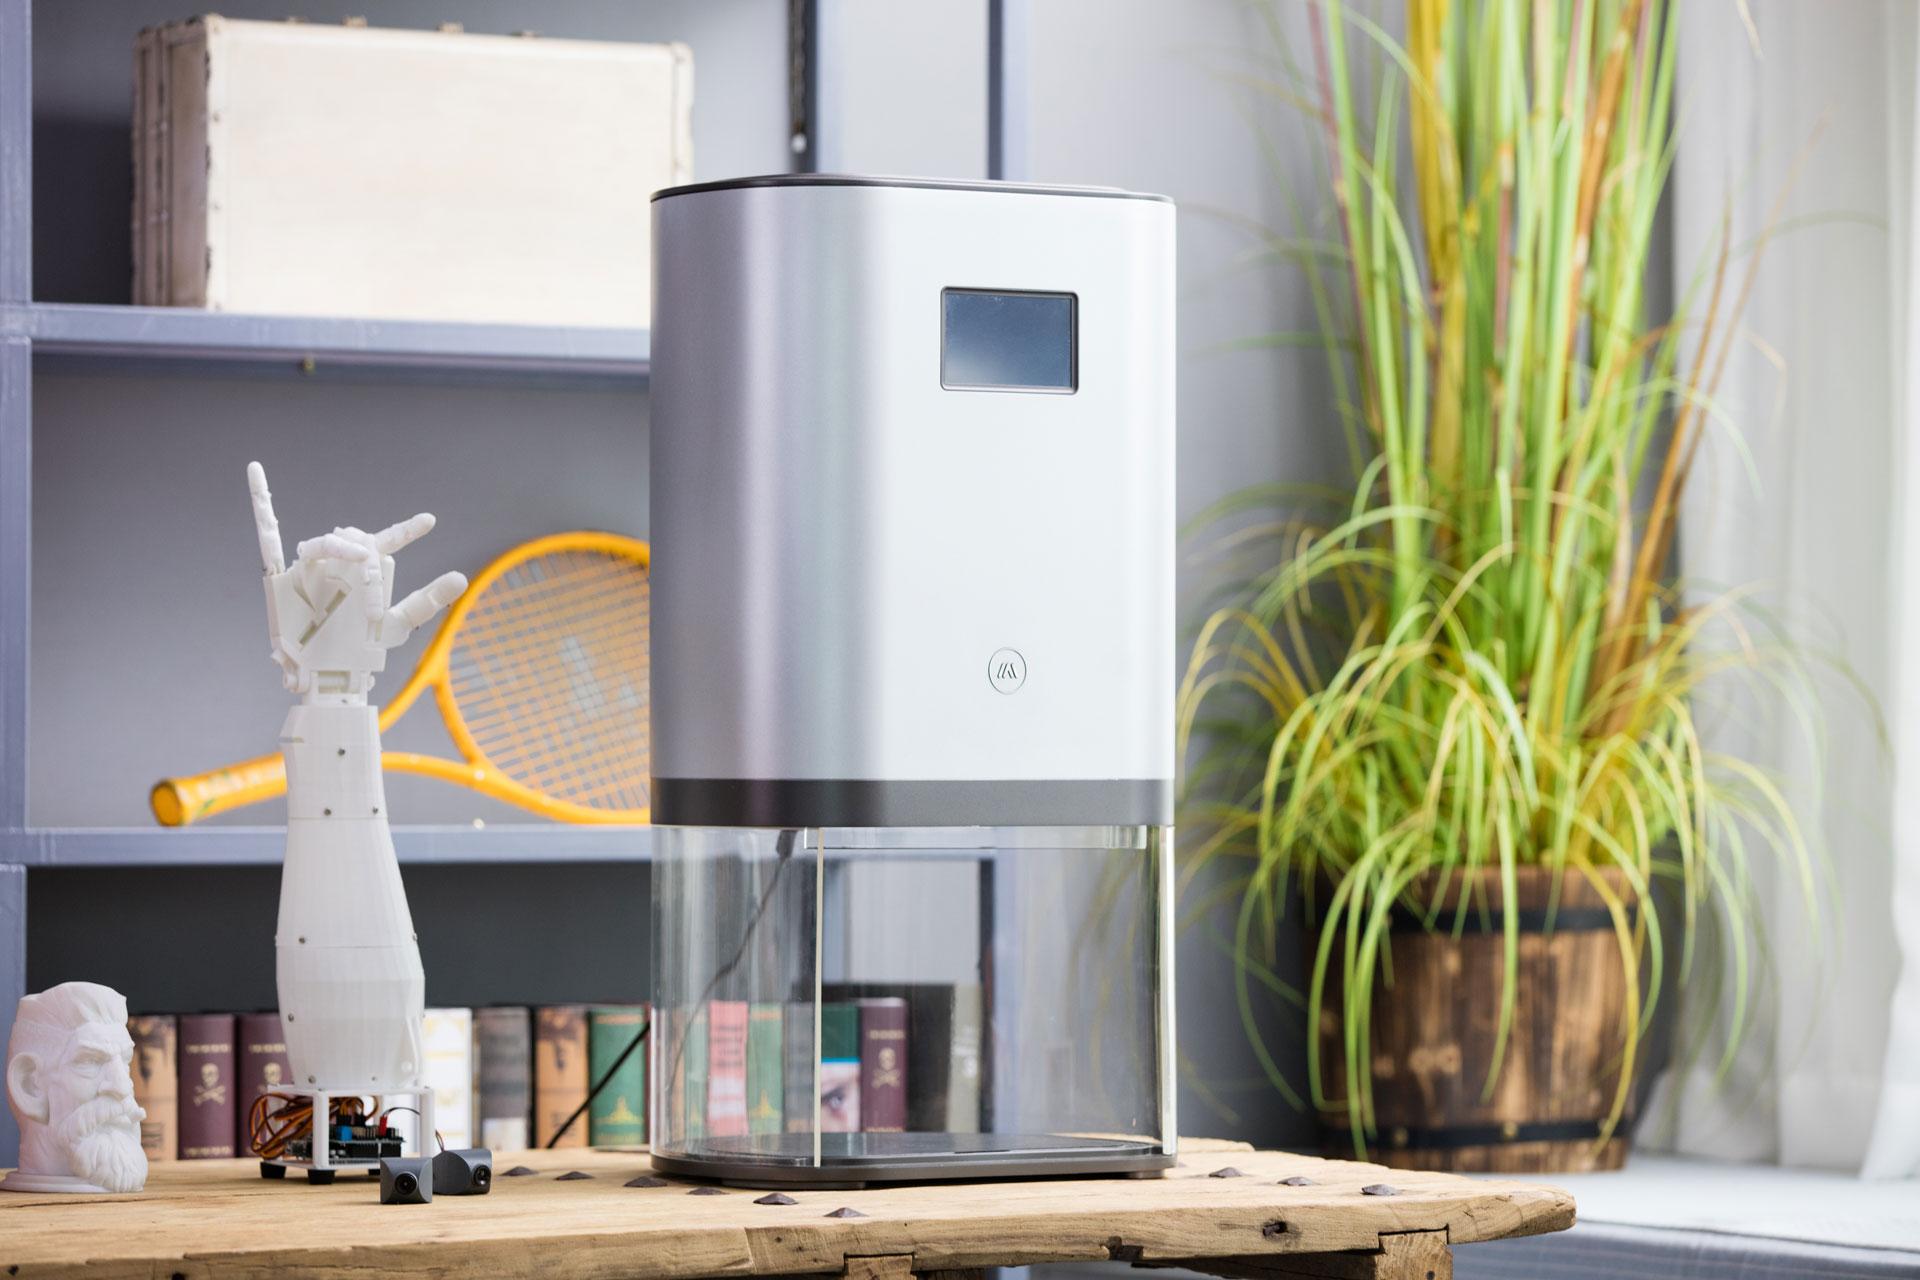 Tiko似のオールインワン型3Dプリンターのキックスターターキャンペーンが好調